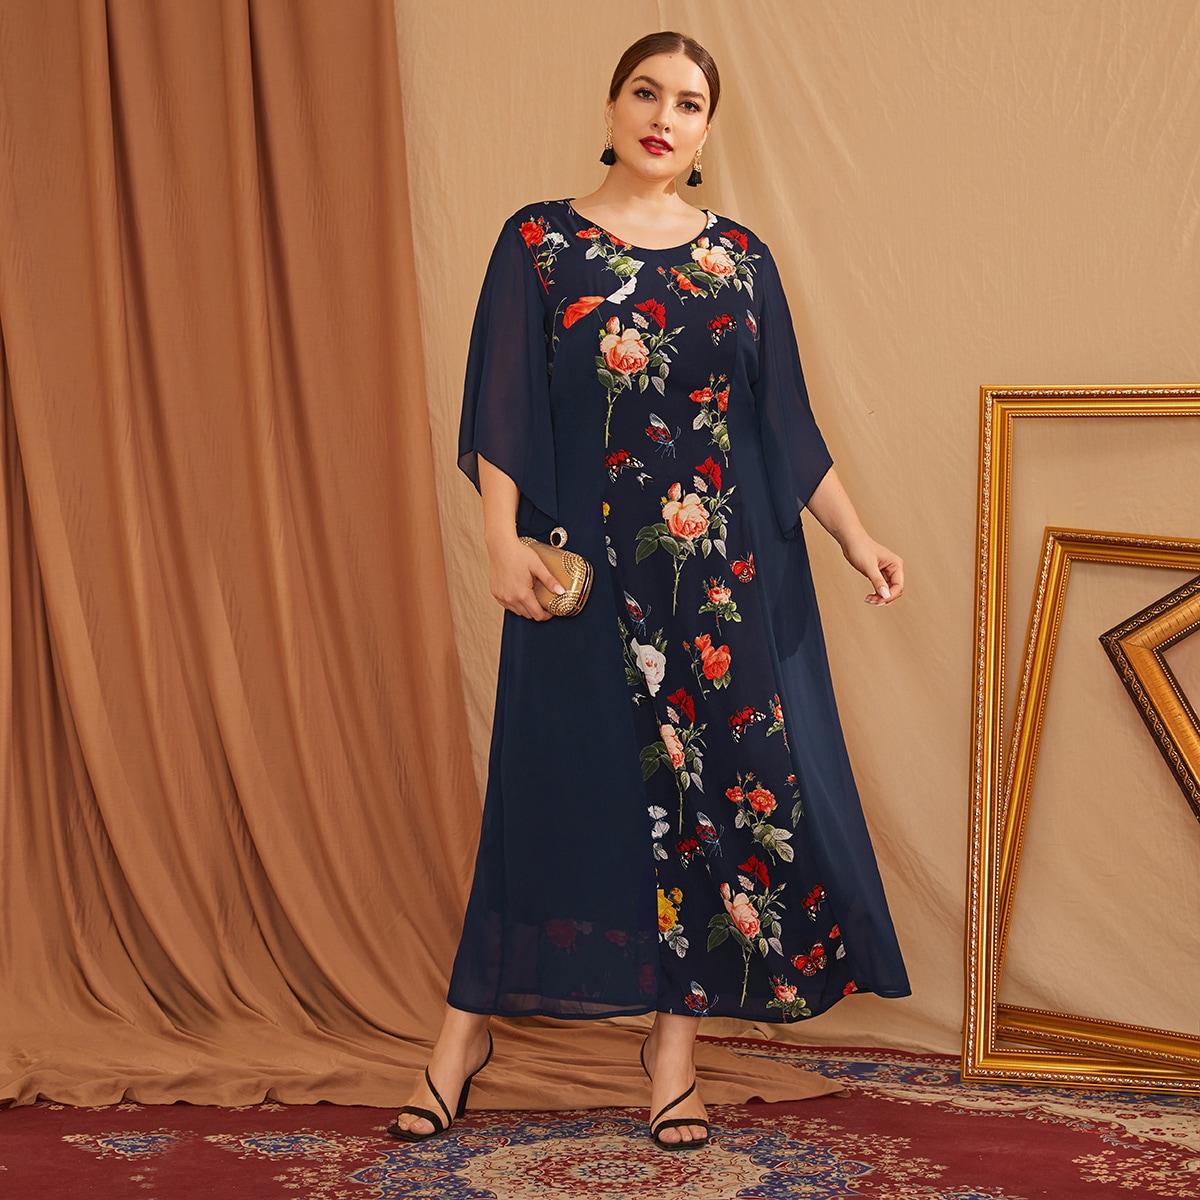 Темно-синий Цветочный Повседневный Платья размер плюс фото